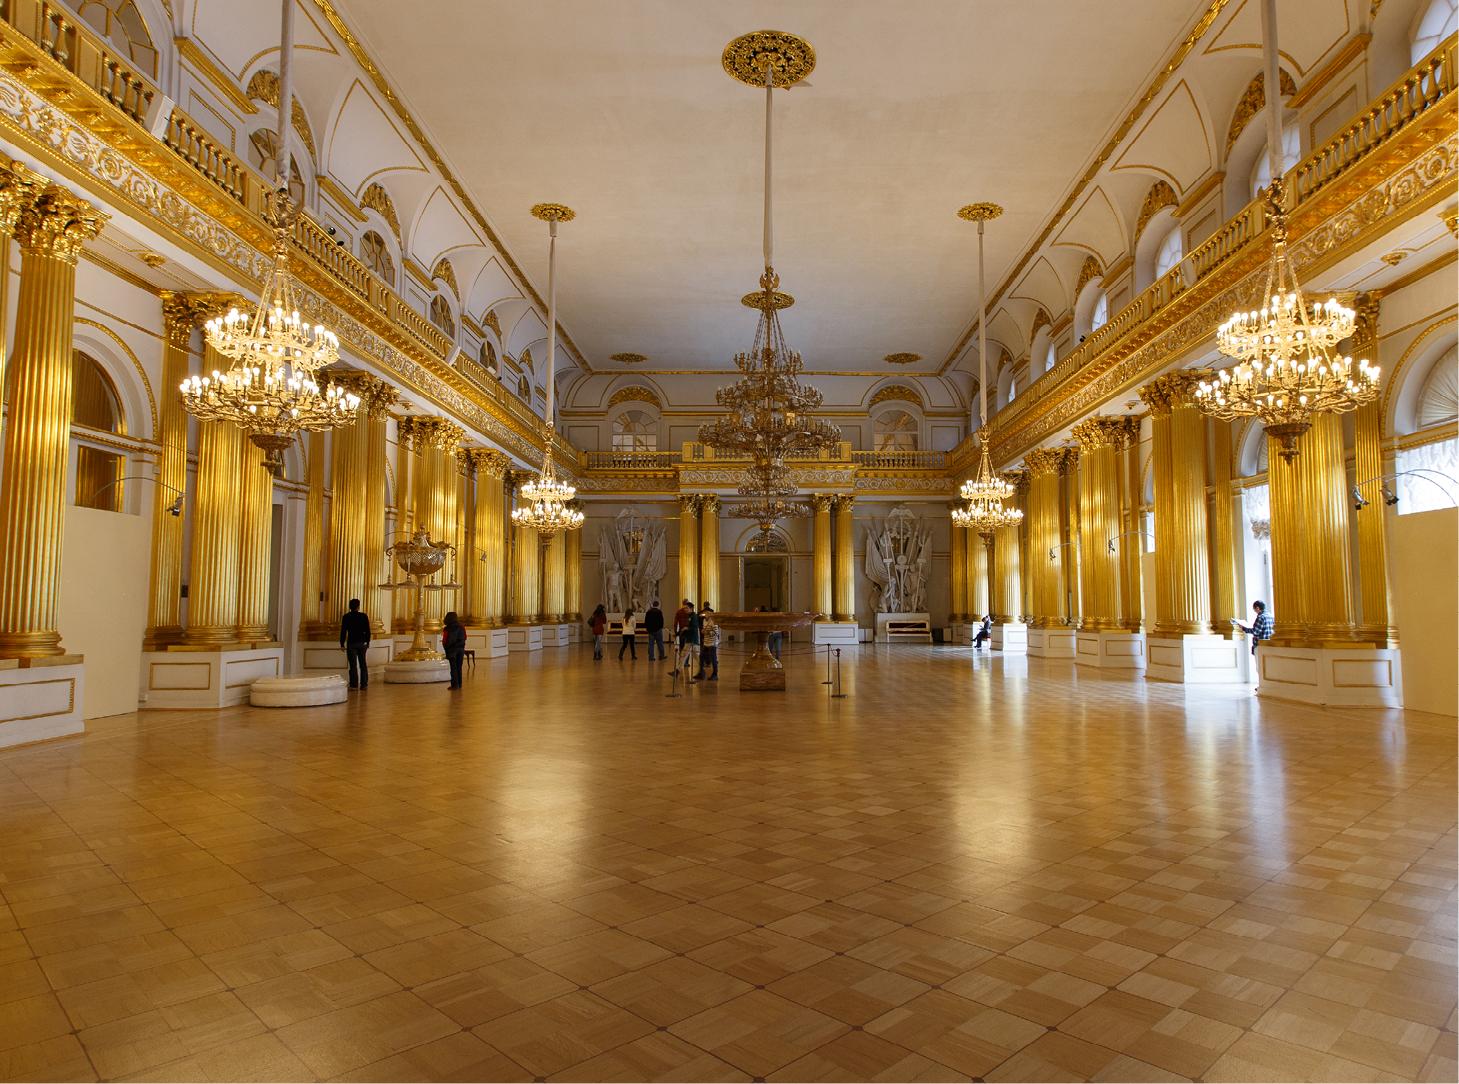 Histoires universelles et musées universels